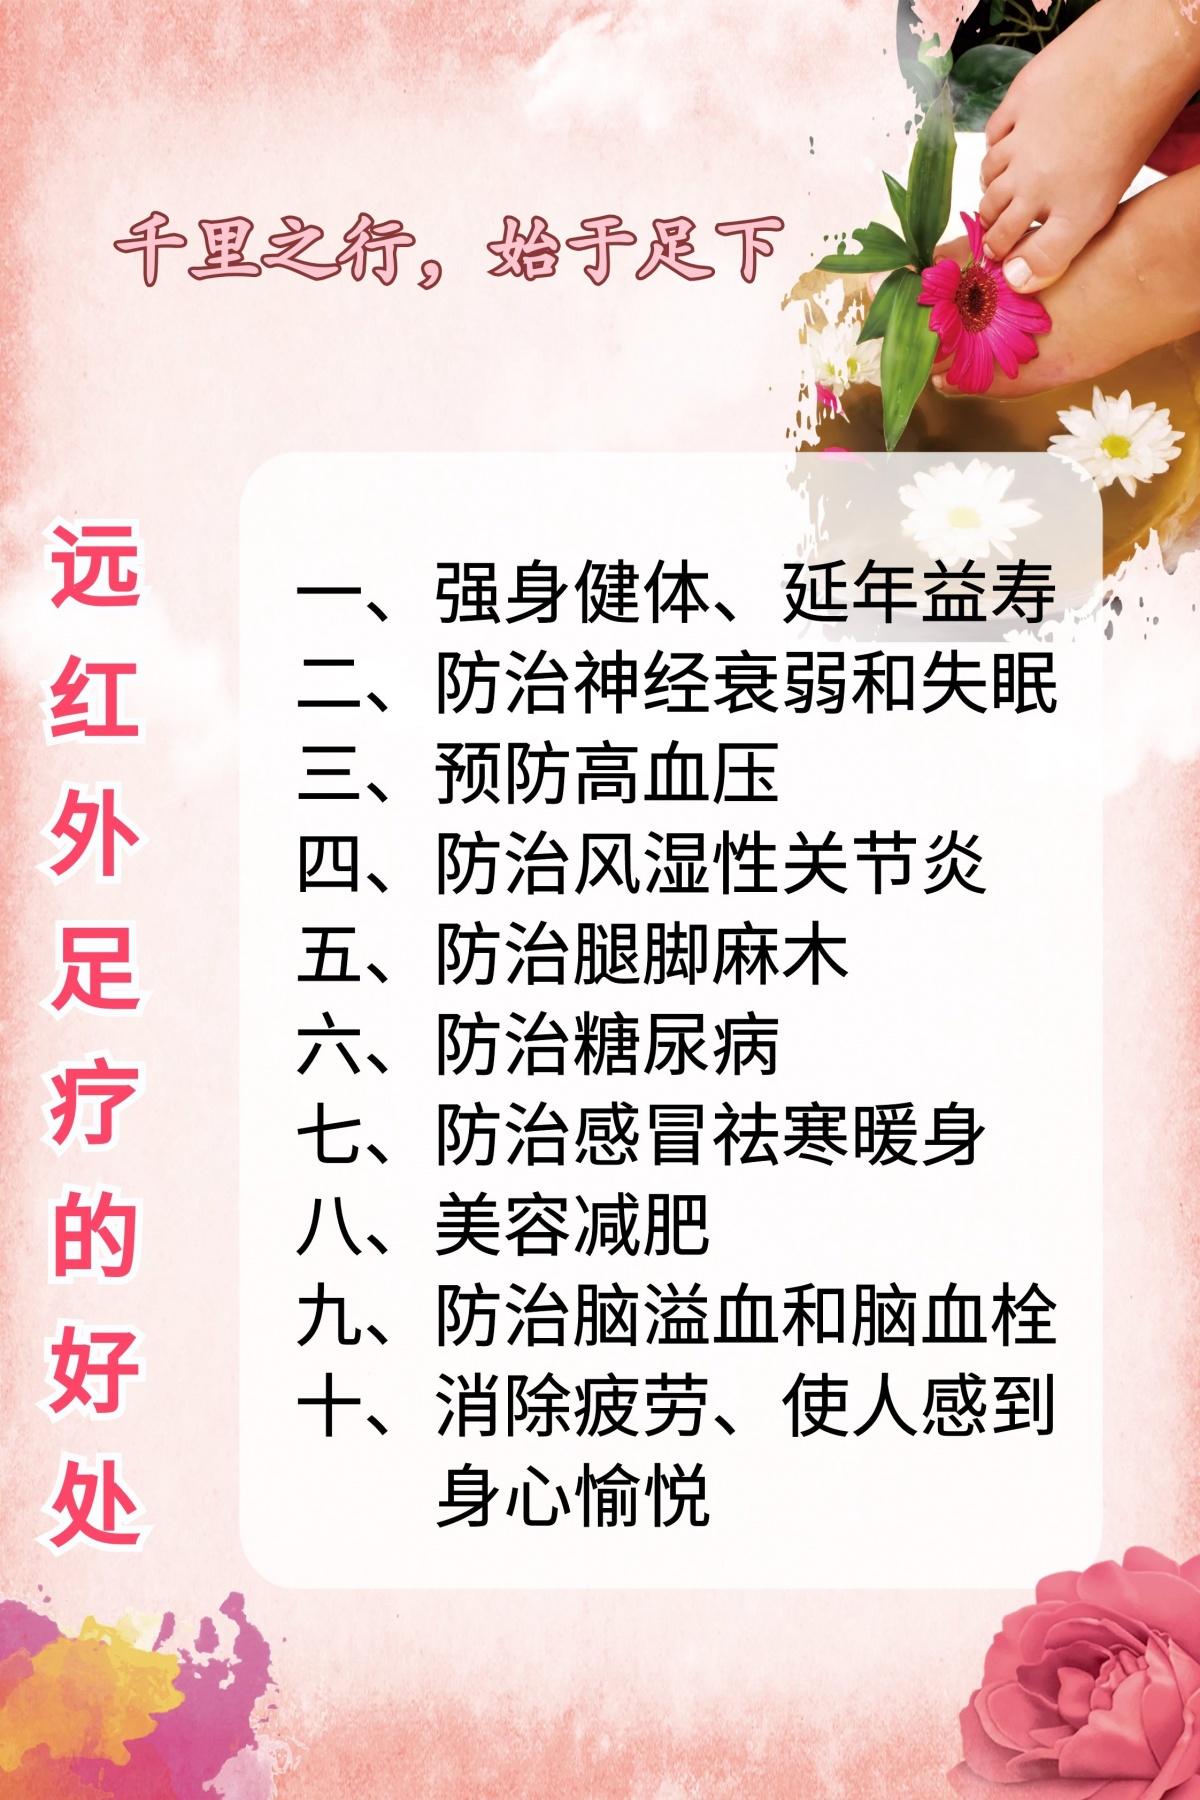 2019.3.20远红外足疗好处宣传图A2.jpg